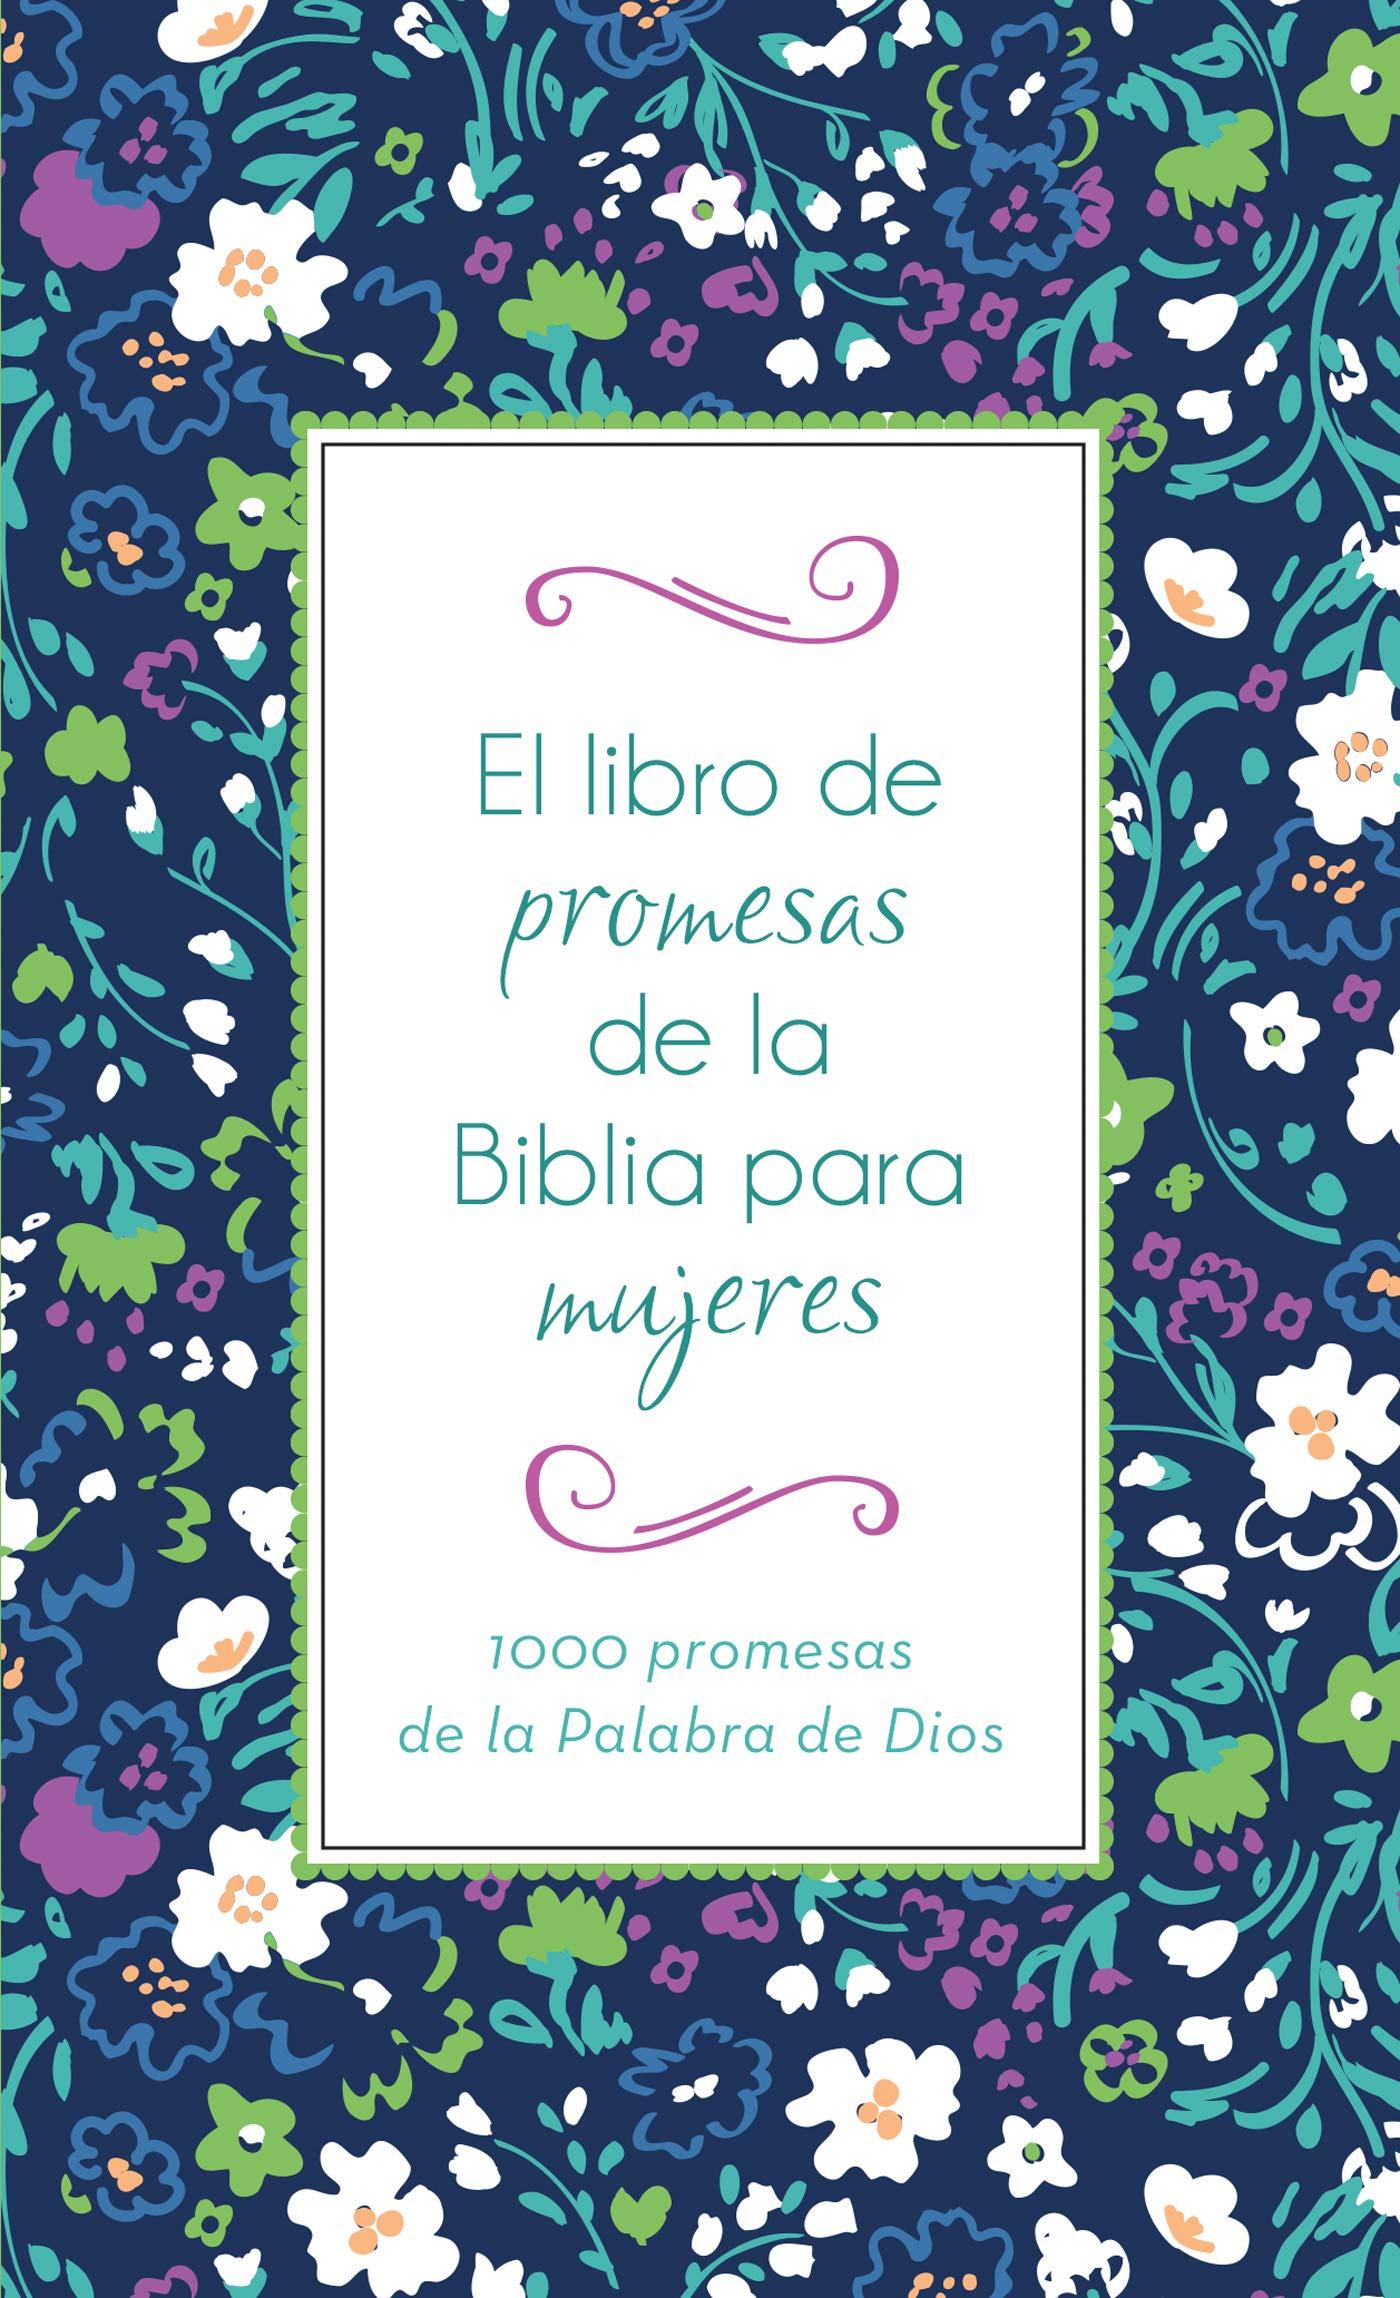 El Libro de Promesas de la Biblia para Mujeres